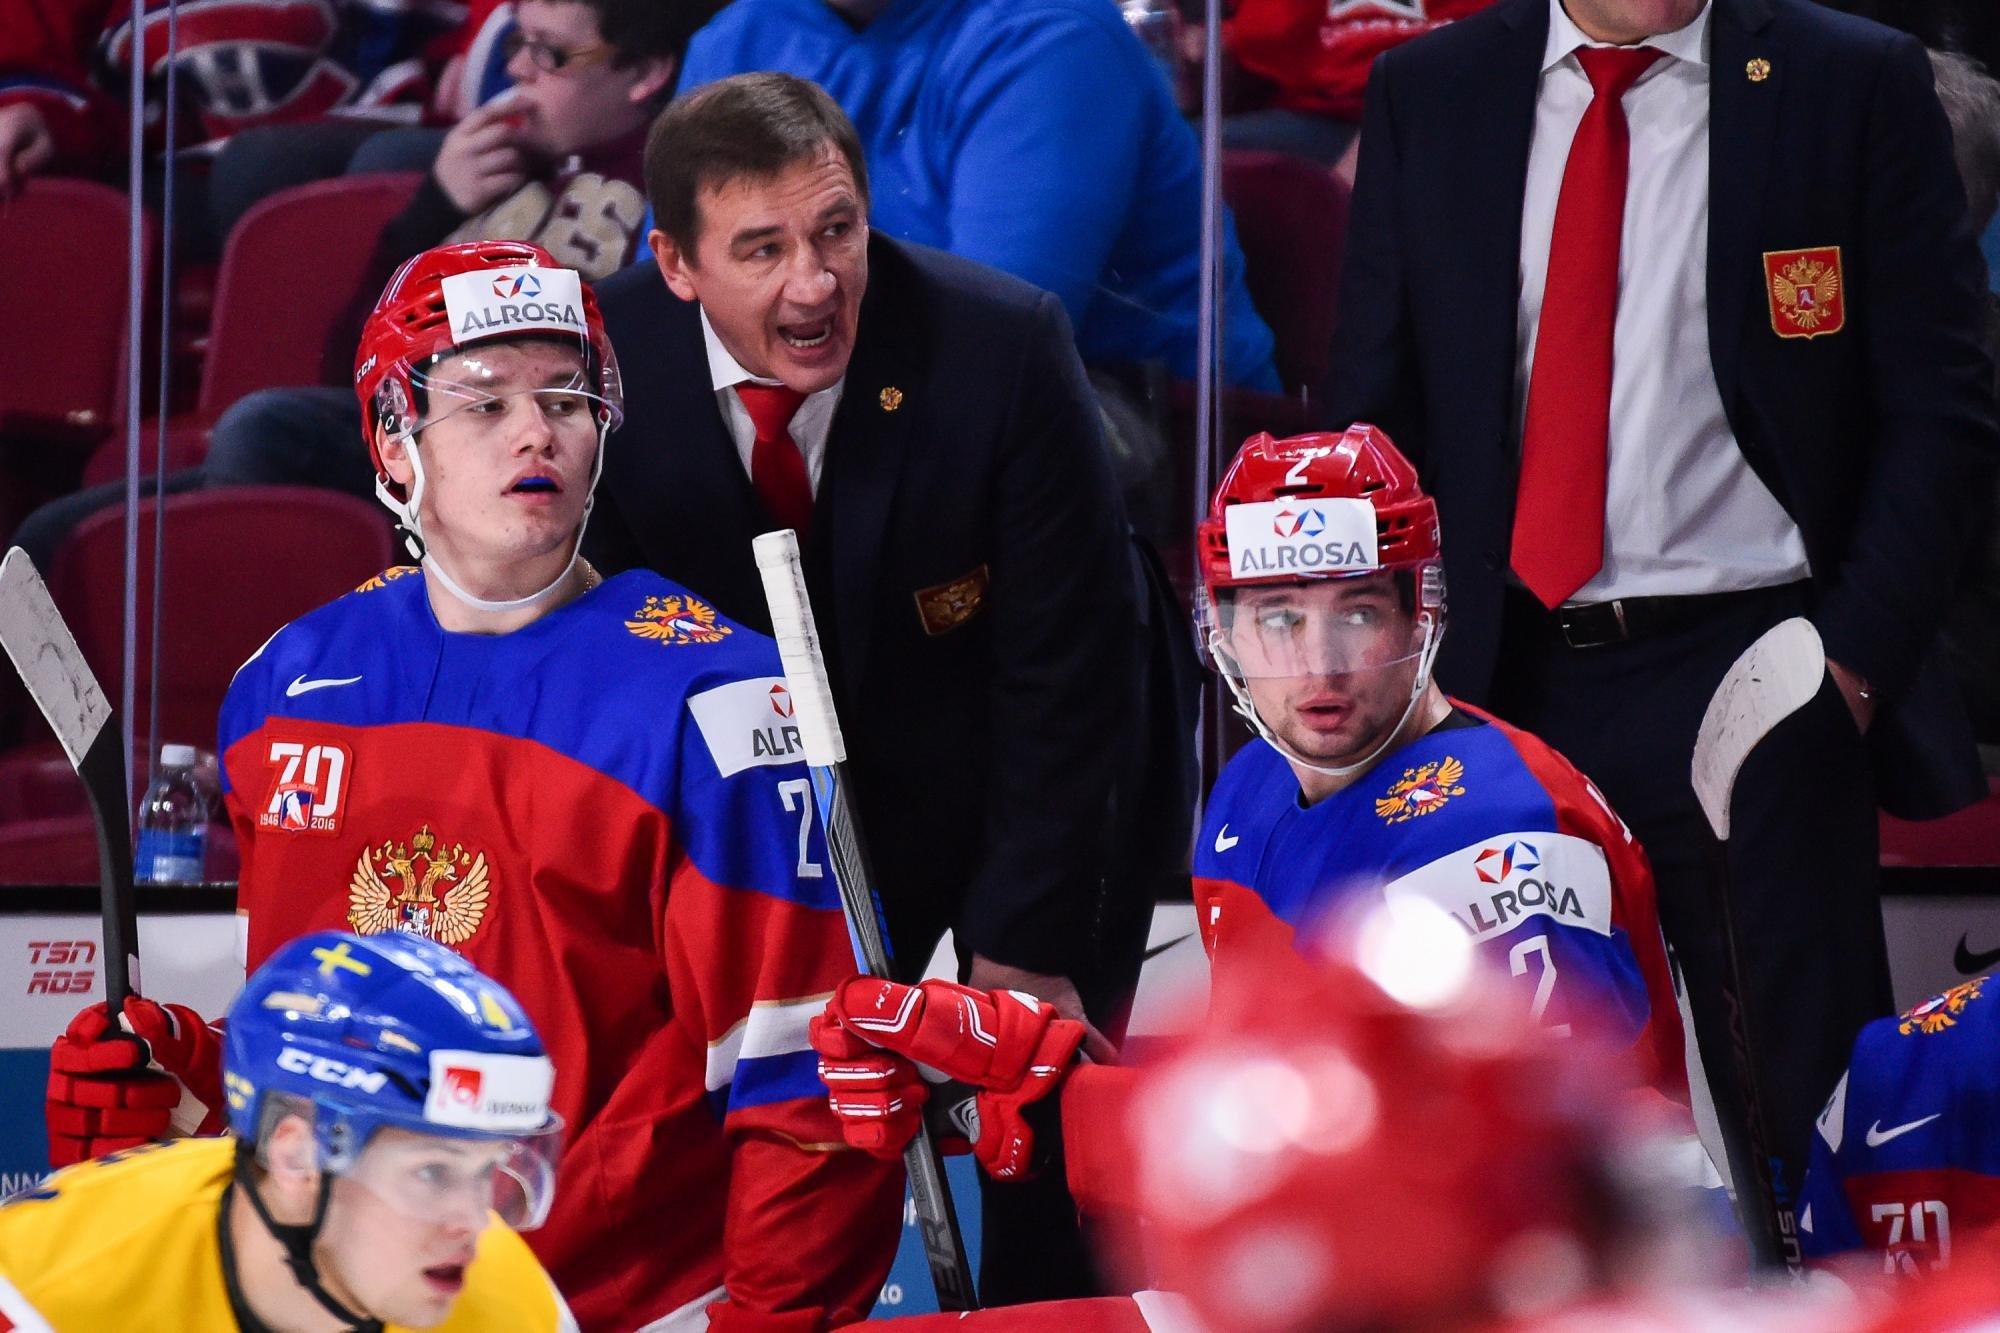 Молодежная сборная РФ похоккею разгромно проиграла команде Канады